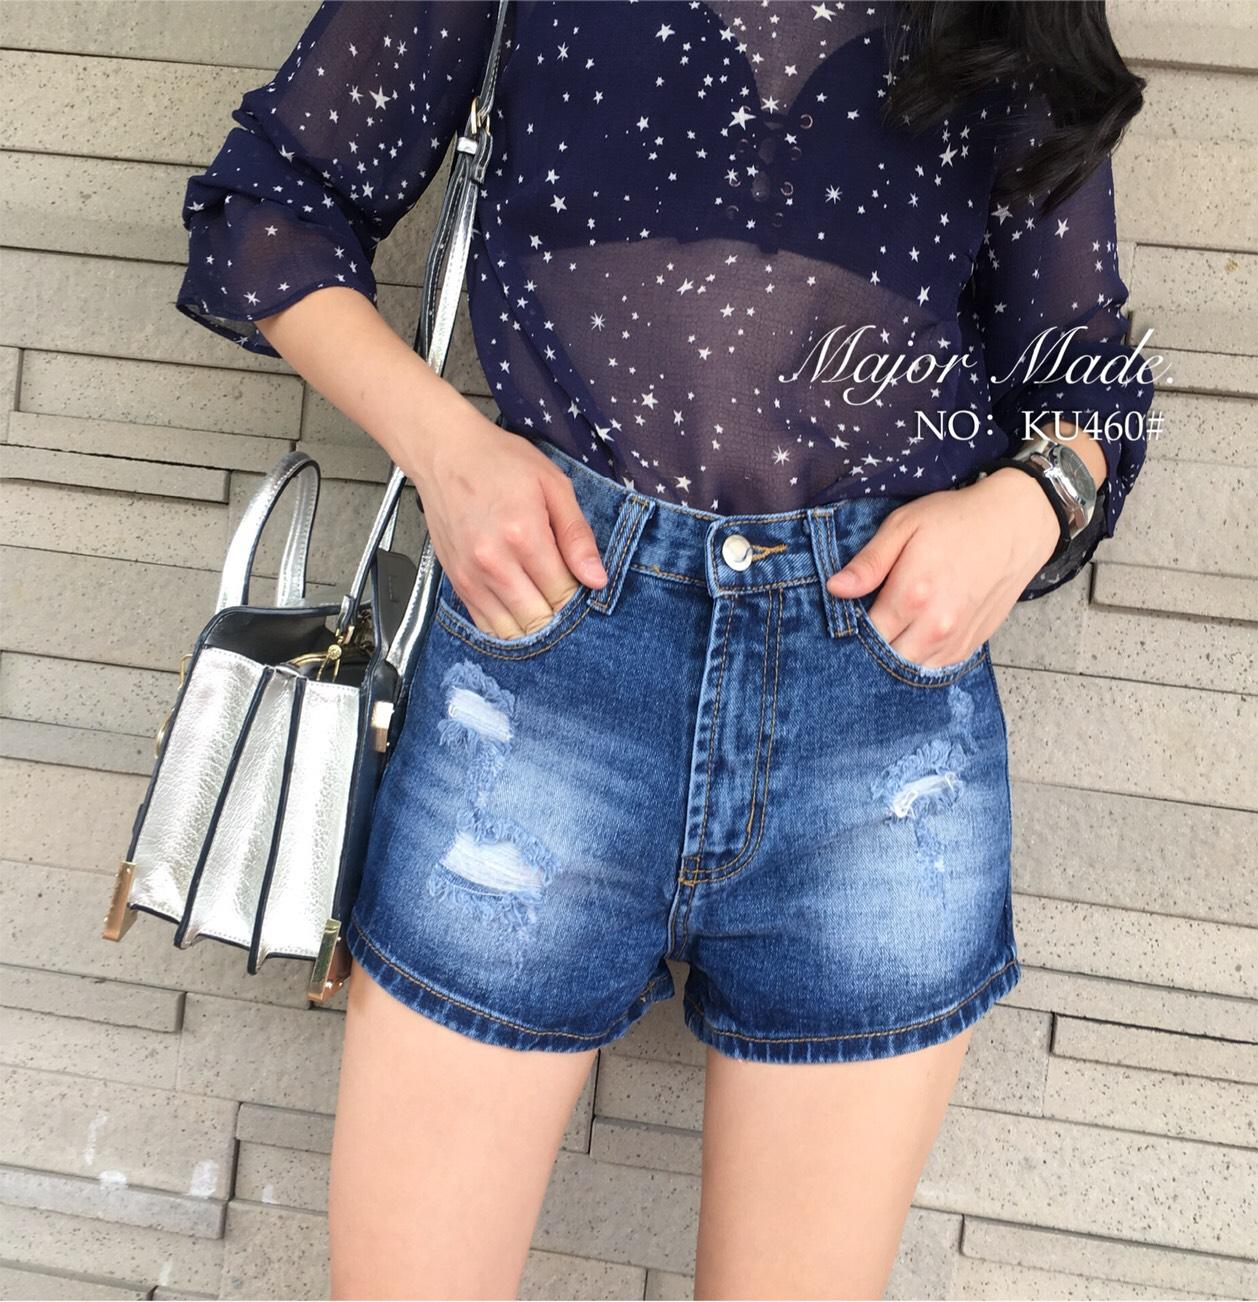 กางเกงแฟชั่น Korea Denim Shorts กางเกงยีนส์ขาสั้นเอวสูง สีสวยได้ใจ